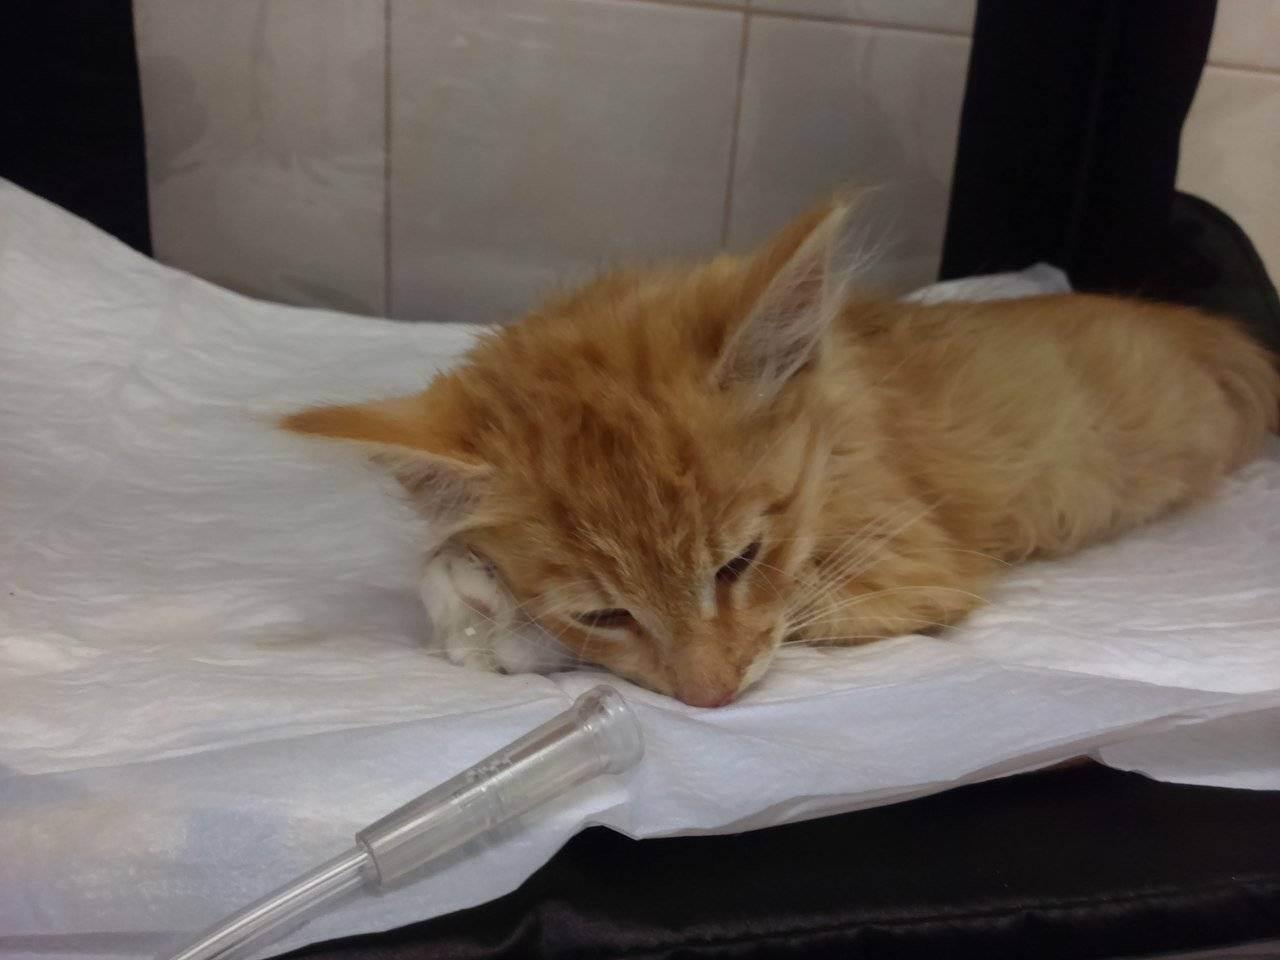 Панлейкопения (чумка) у кошек: симптомы, диагностика, лечение